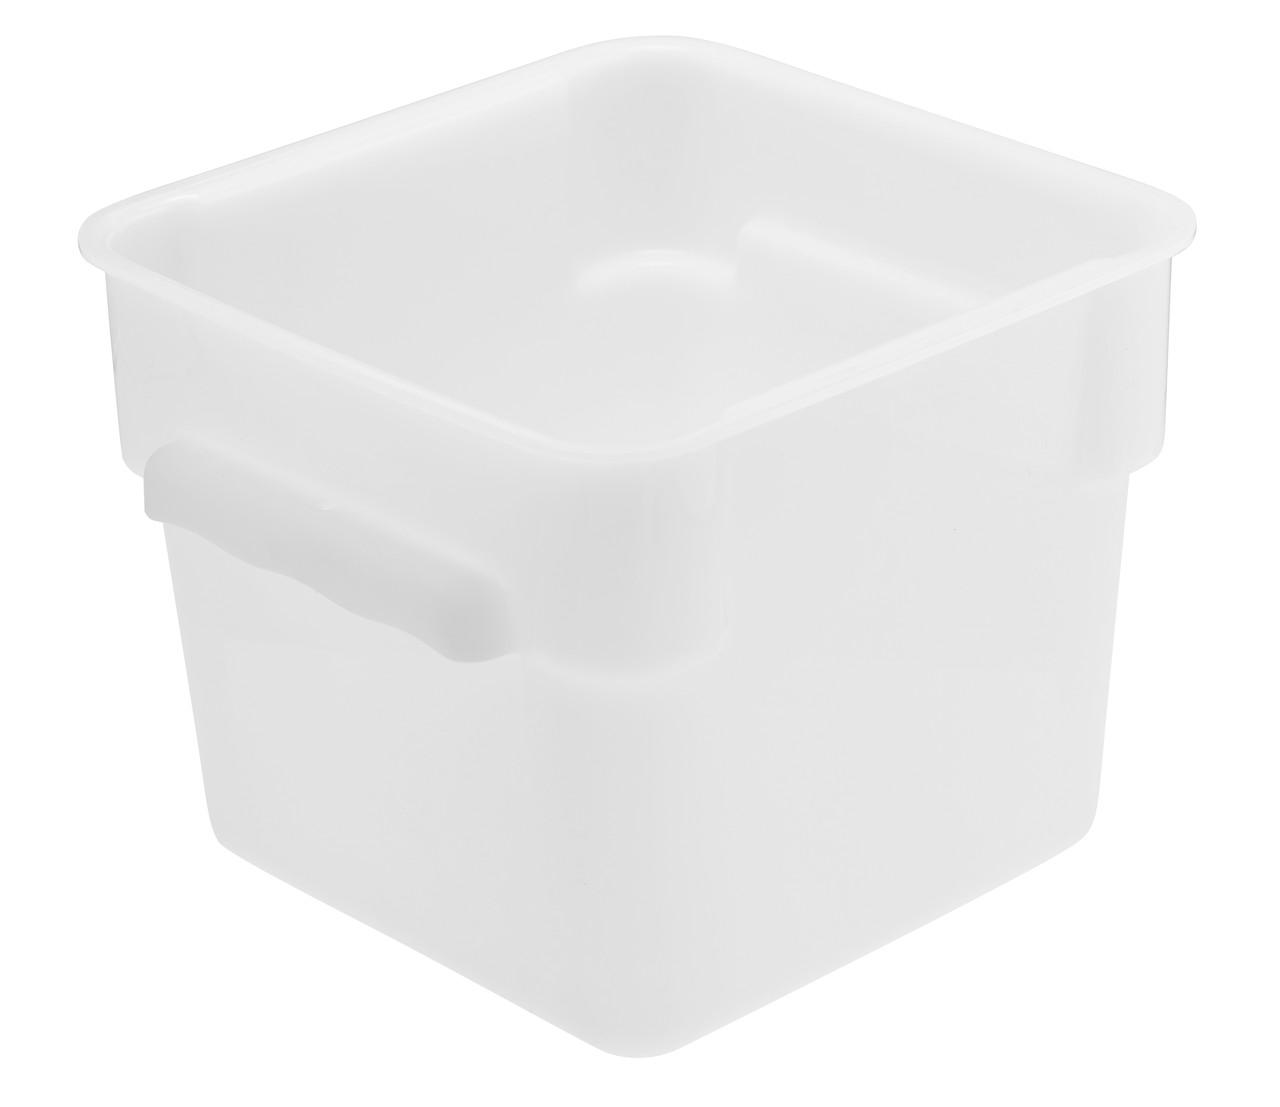 Контейнер для хранения FoREST квадратный (22,5х19 см, 6 л)